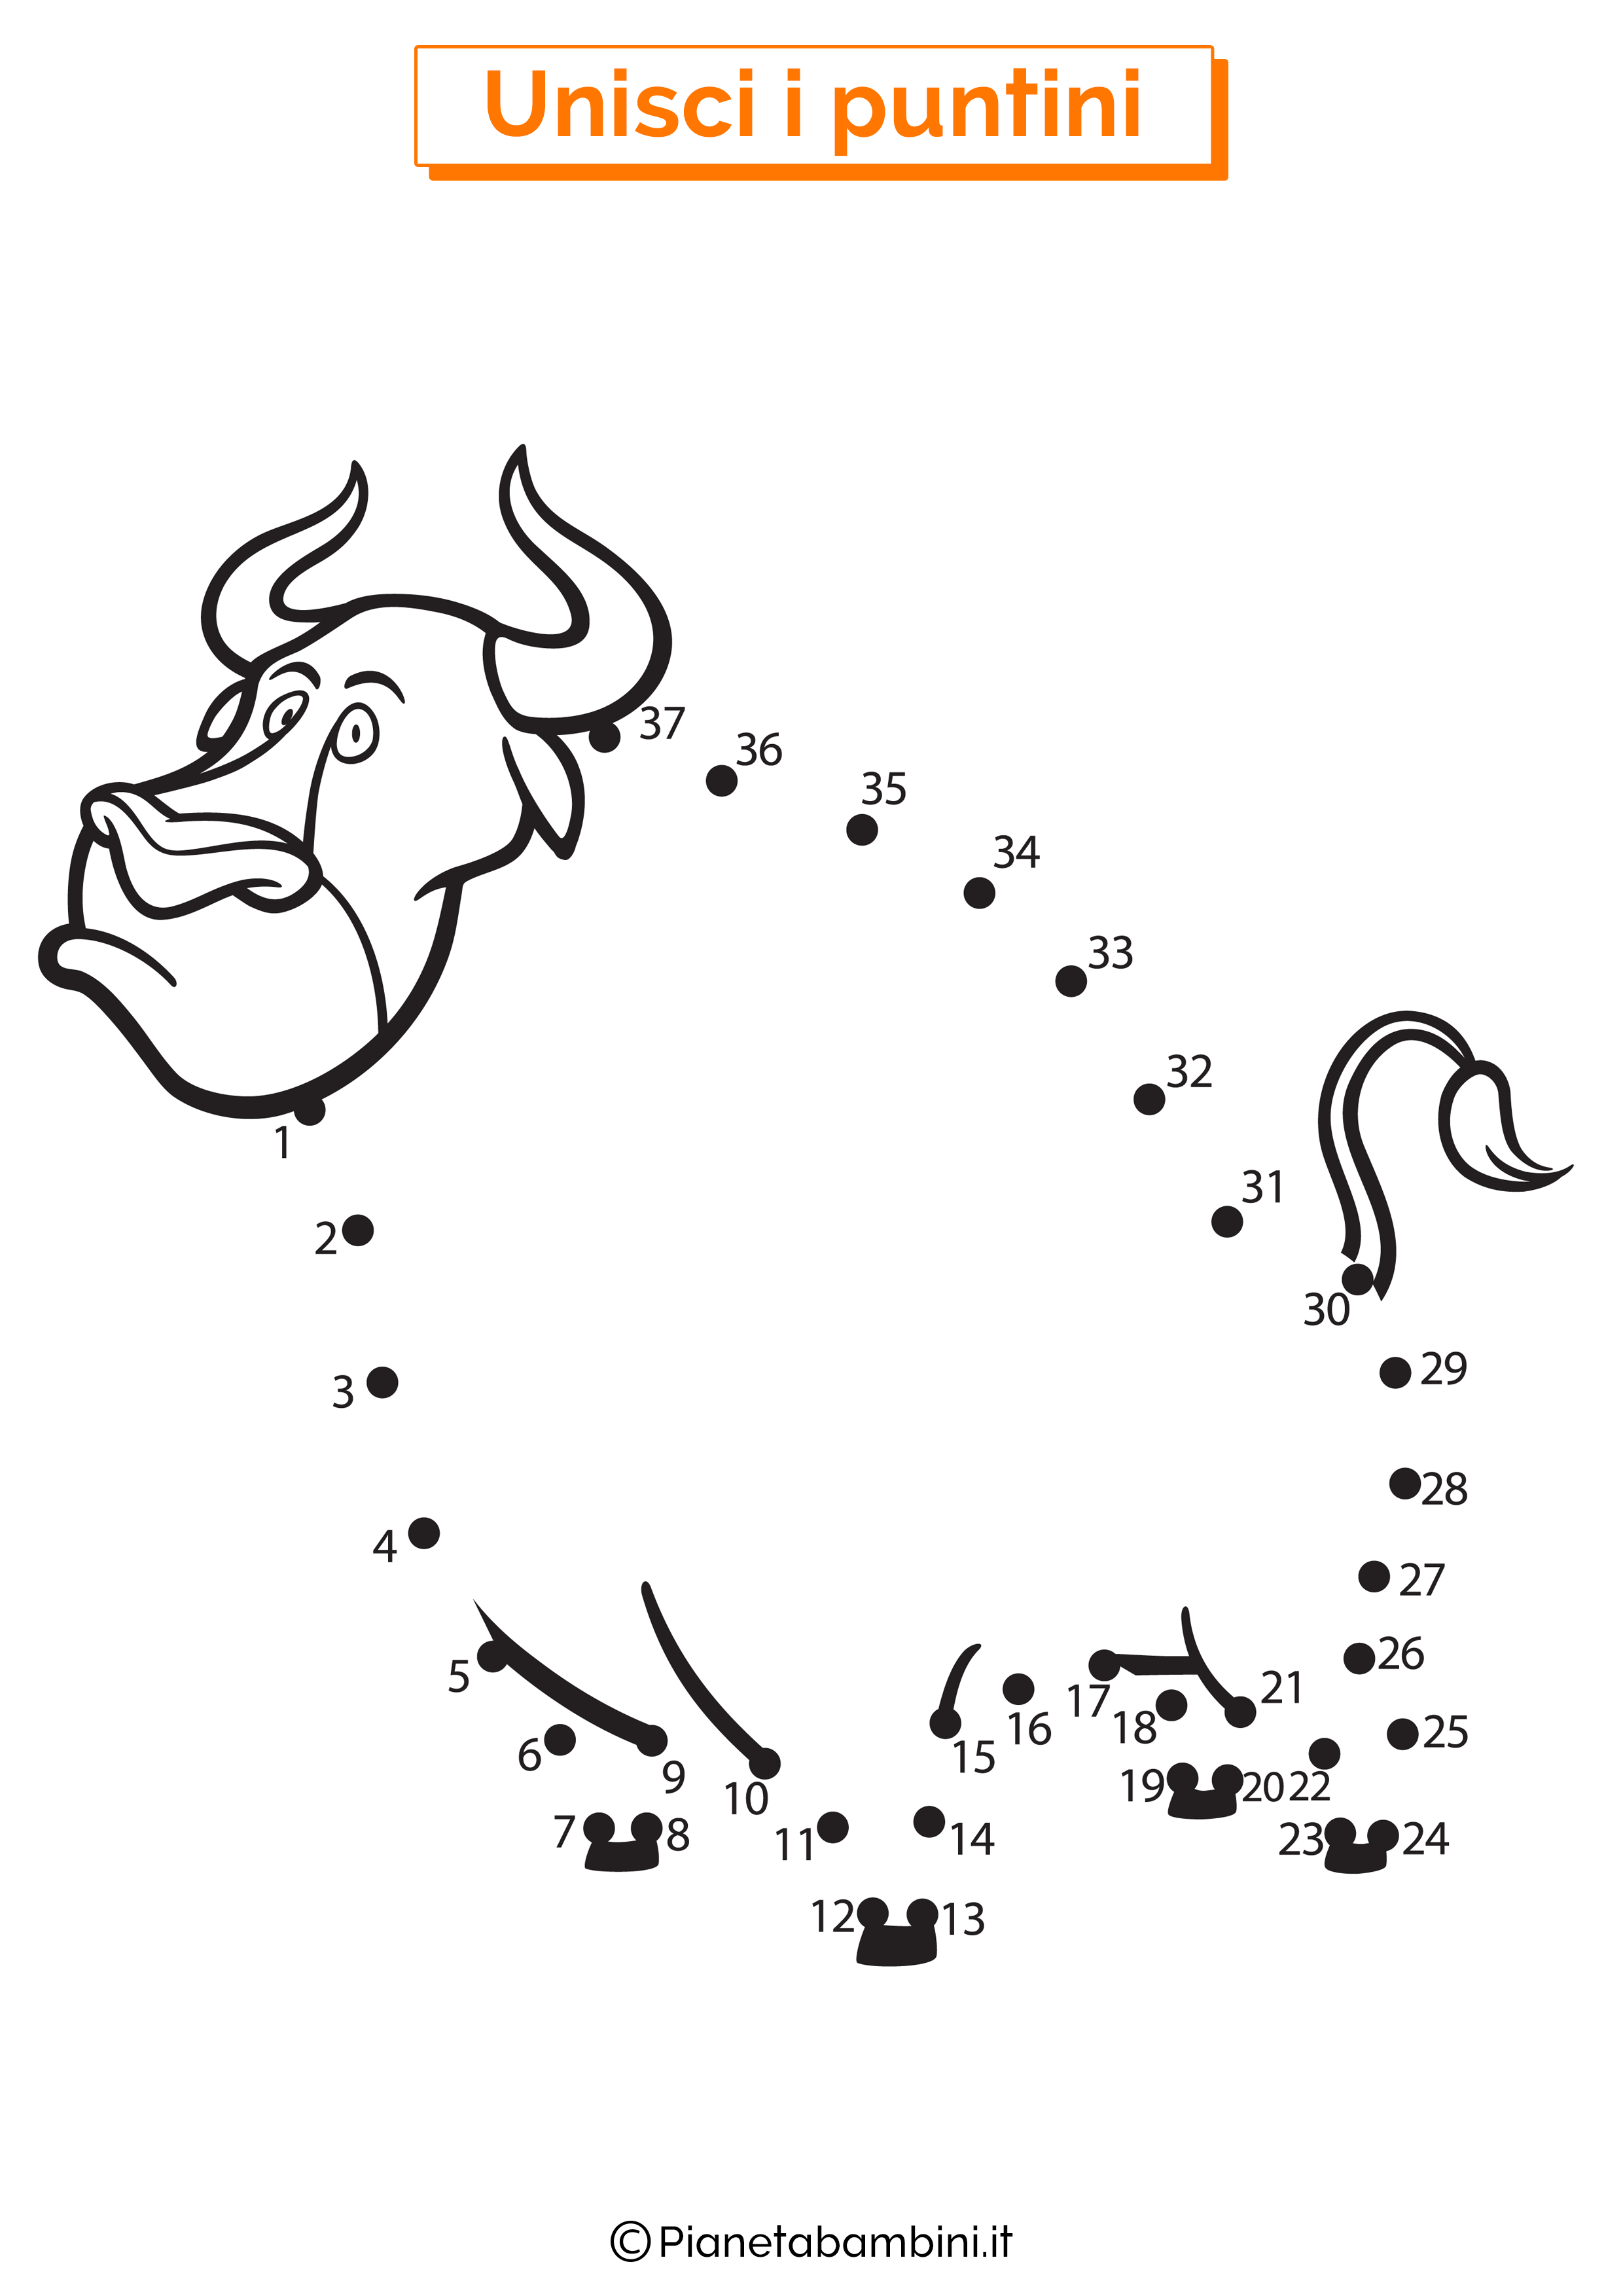 Disegno unisci i puntini 1-40 toro